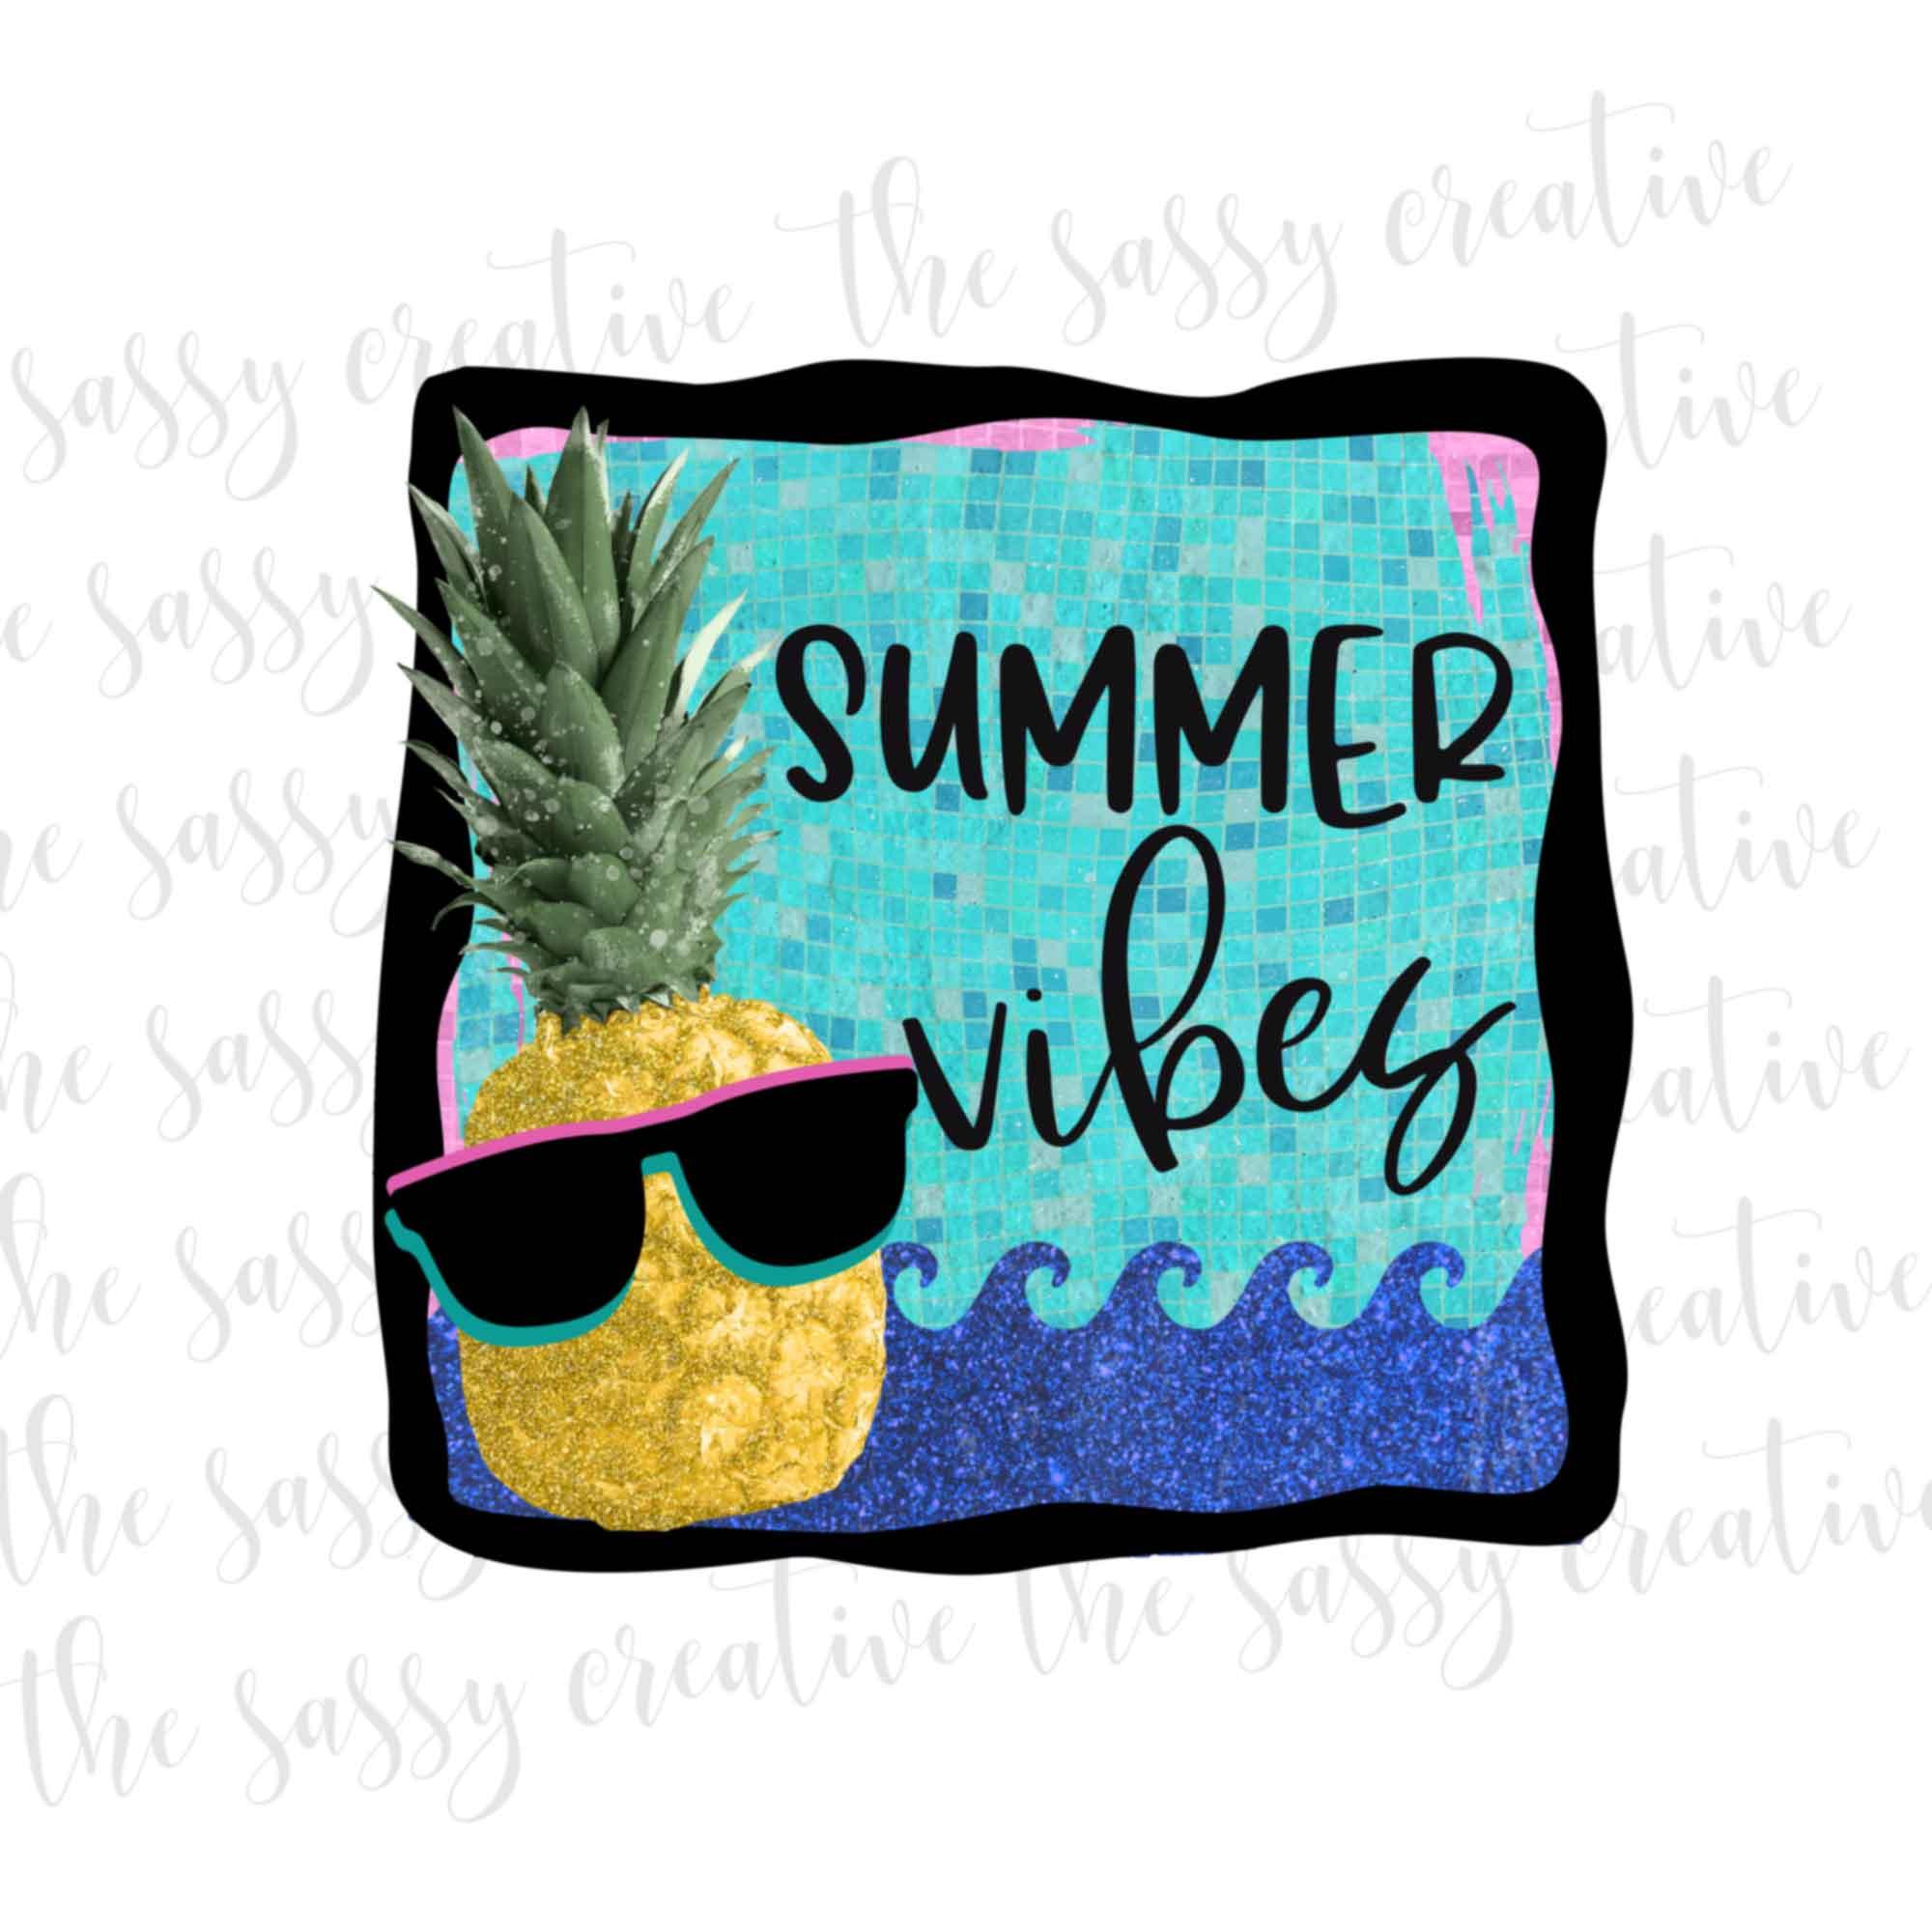 summervibescover